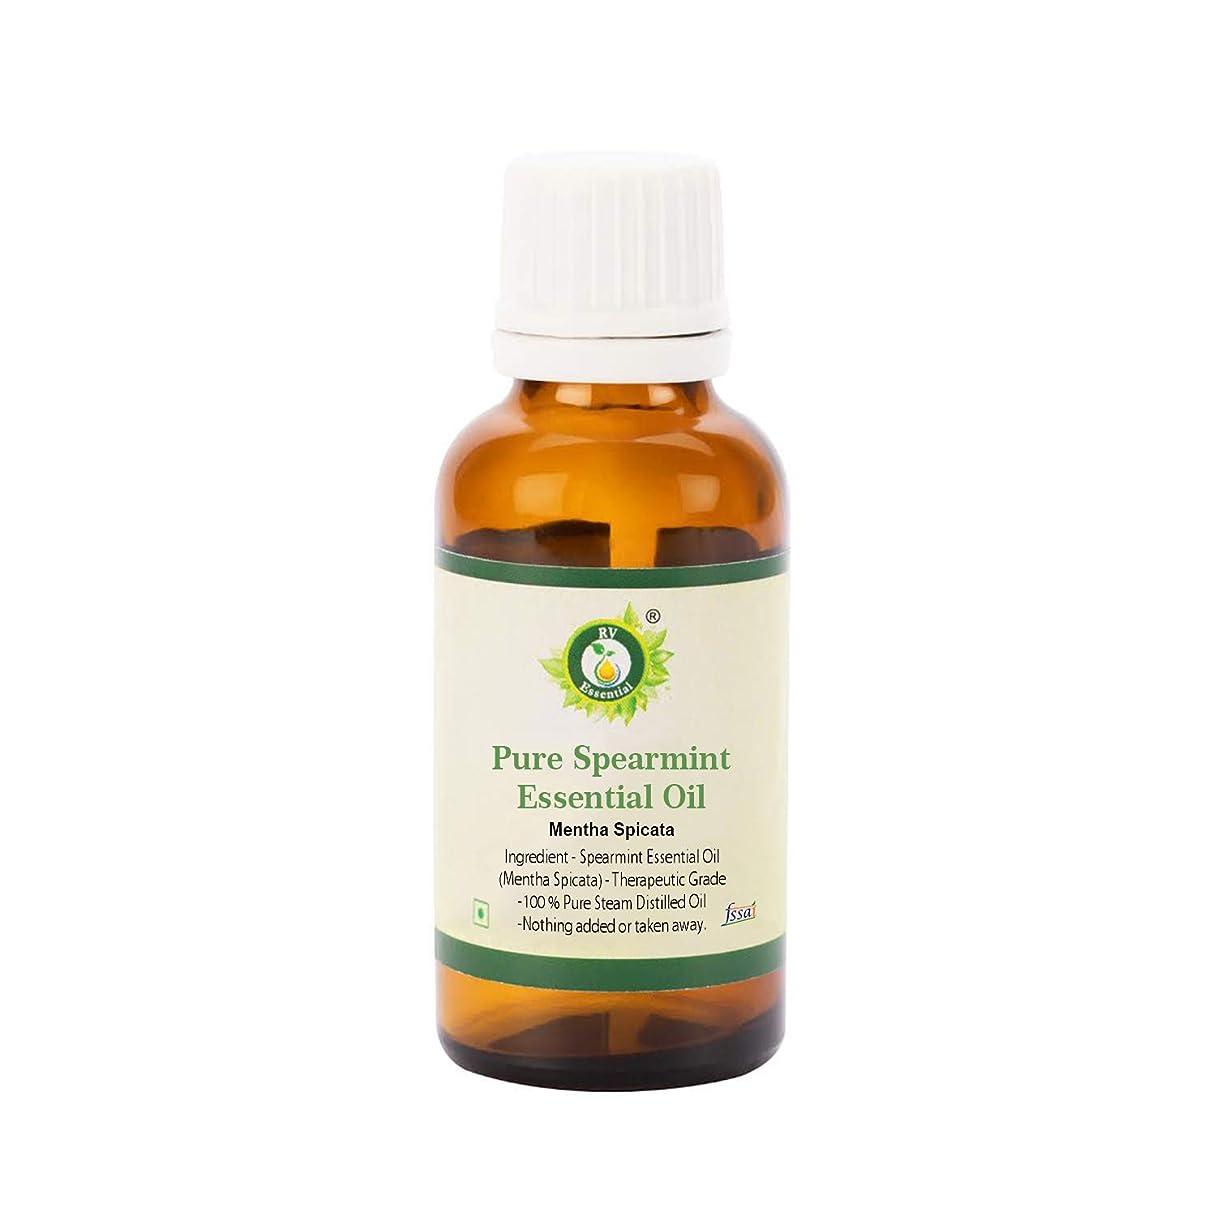 リム聴く石灰岩R V Essential ピュアスペアミントエッセンシャルオイル300ml (10oz)- Mentha Spicata (100%純粋&天然スチームDistilled) Pure Spearmint Essential Oil